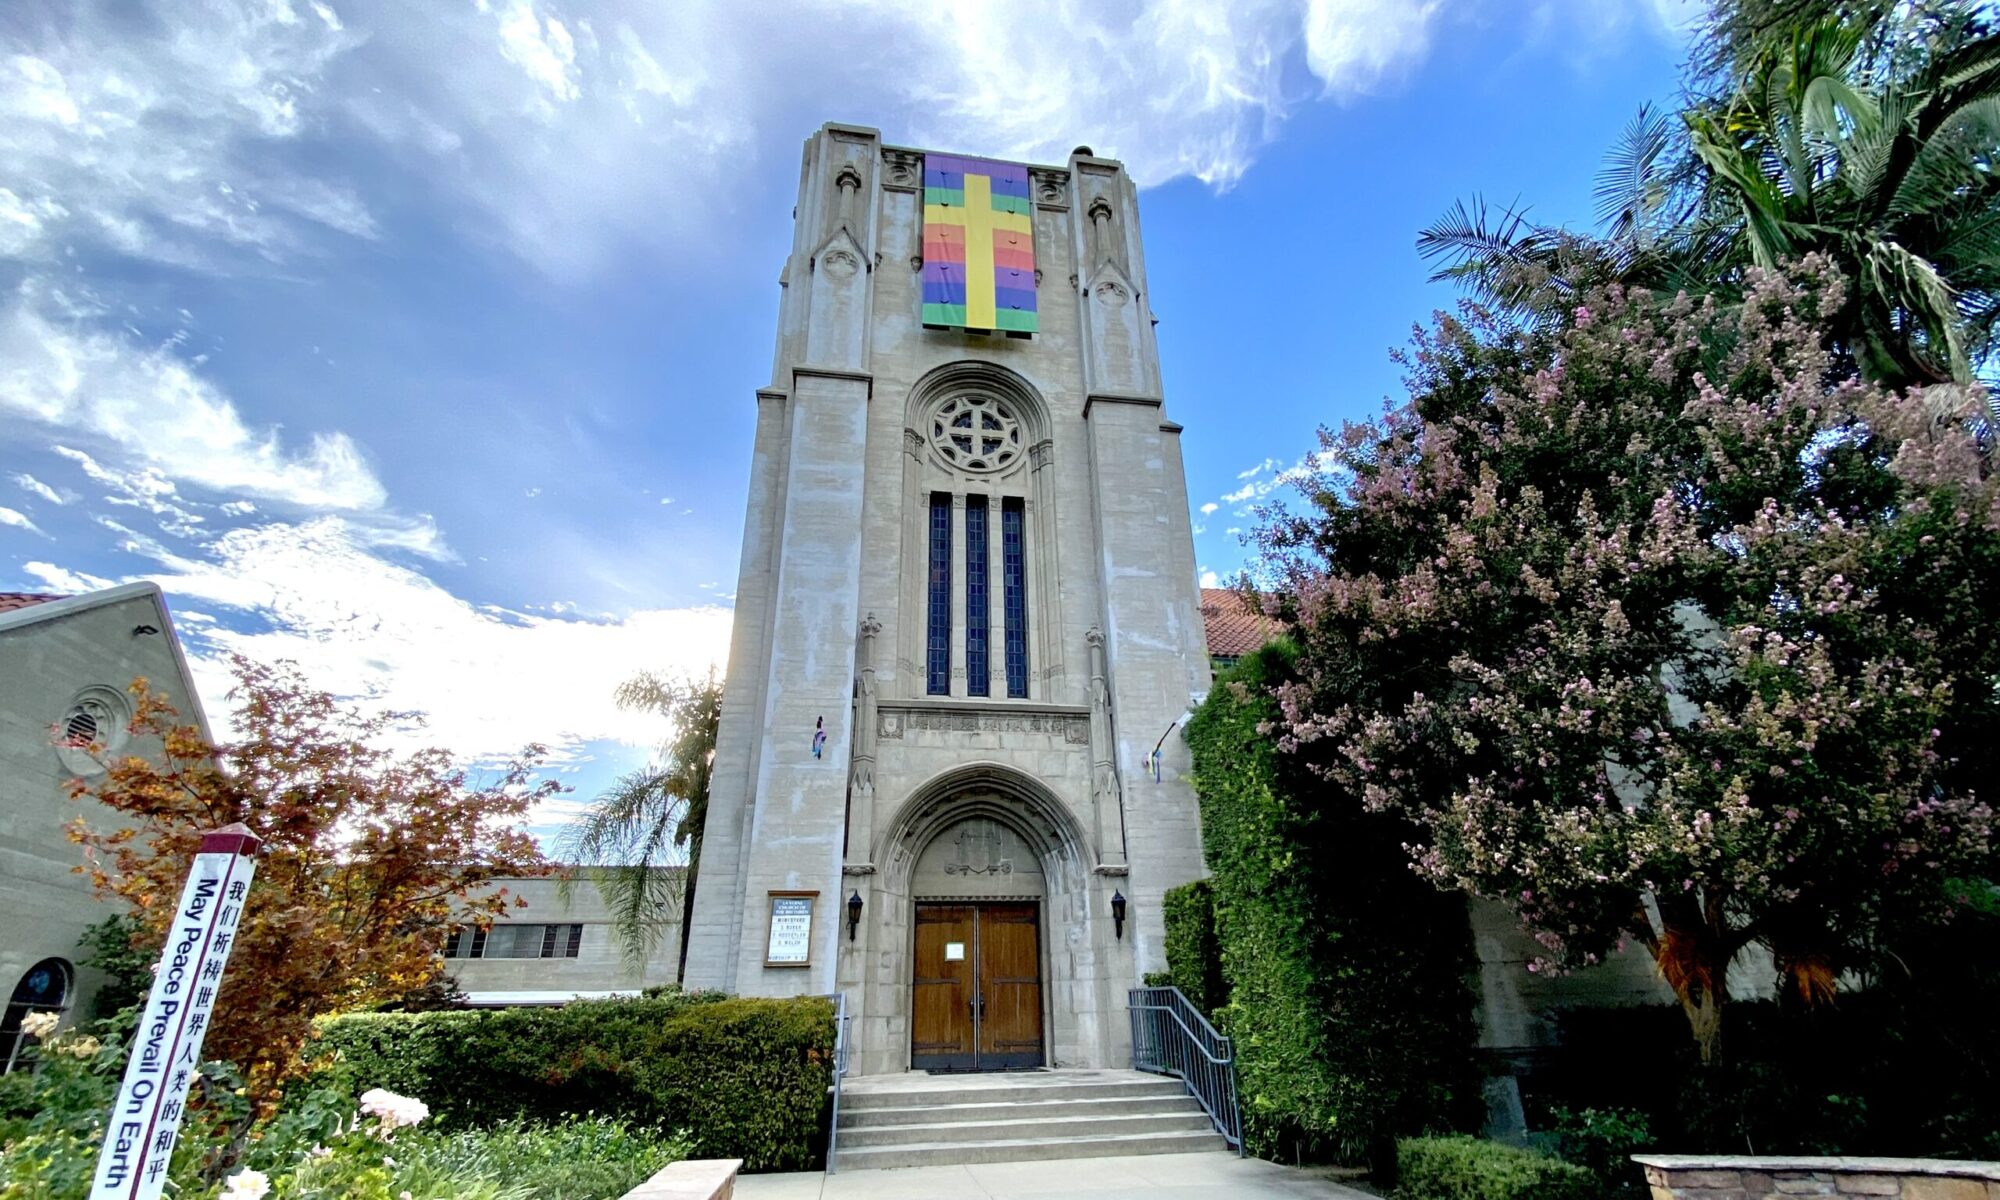 La Verne Church of the Brethren